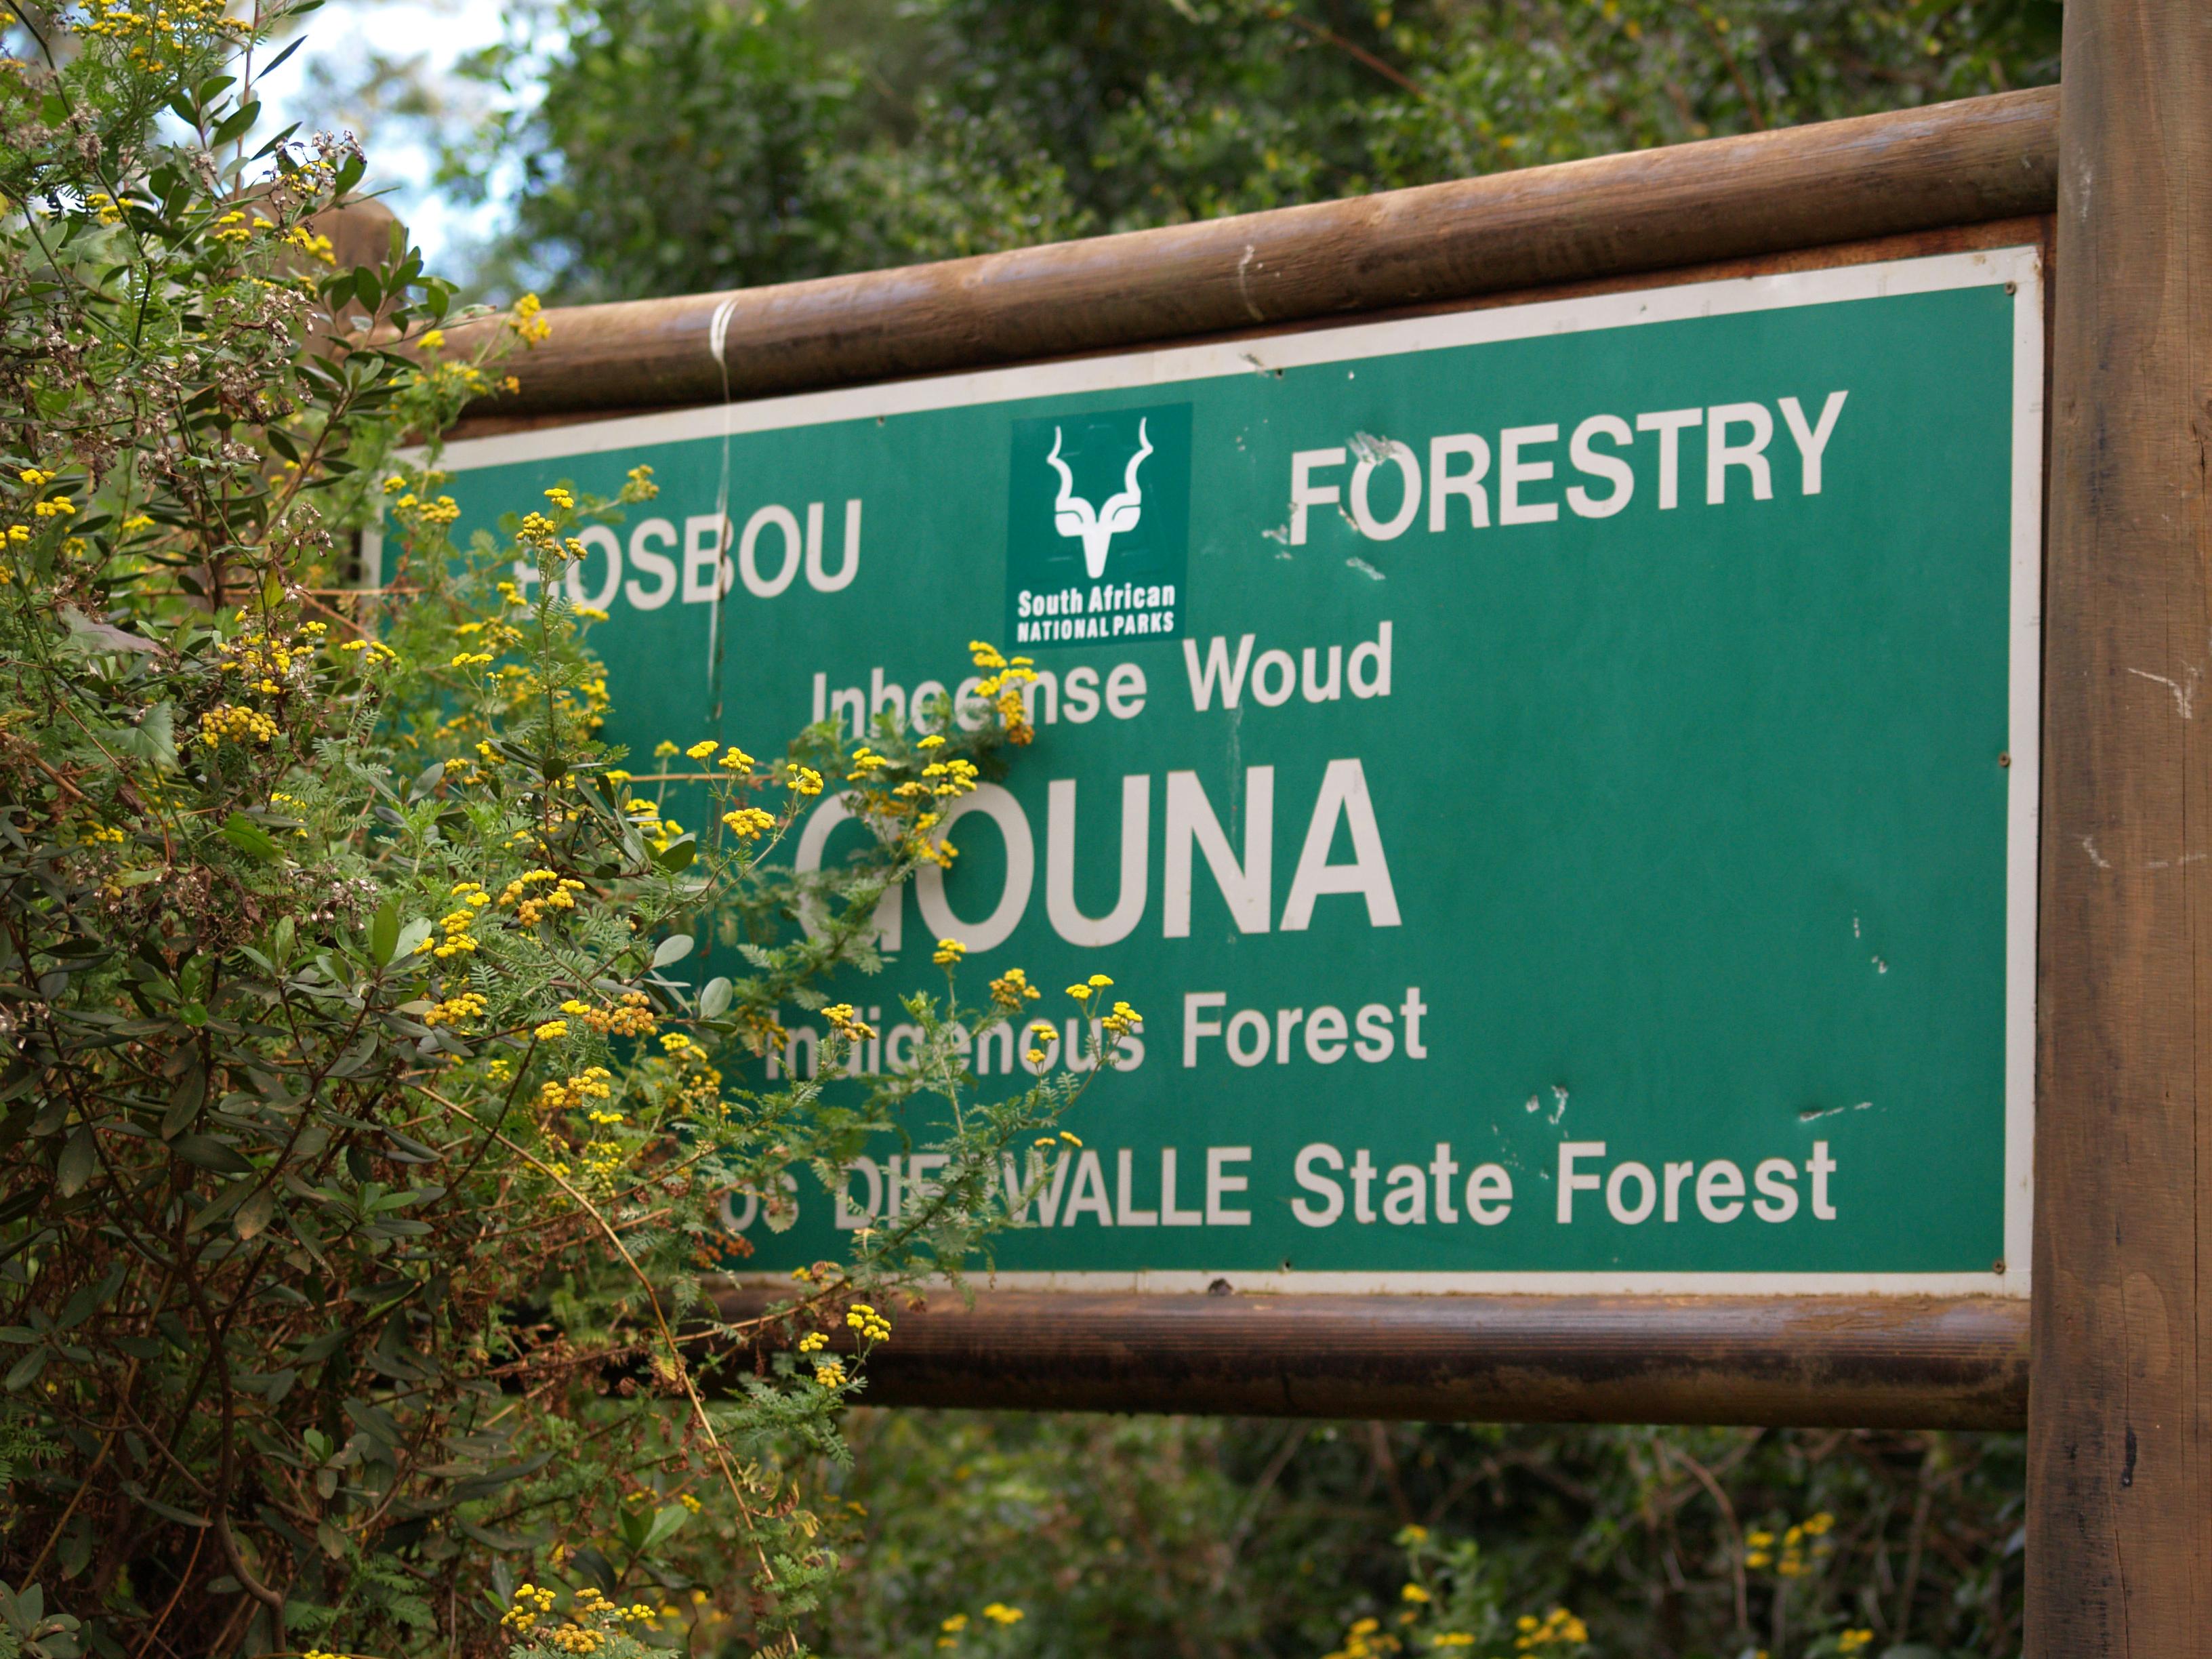 Gouna Forest